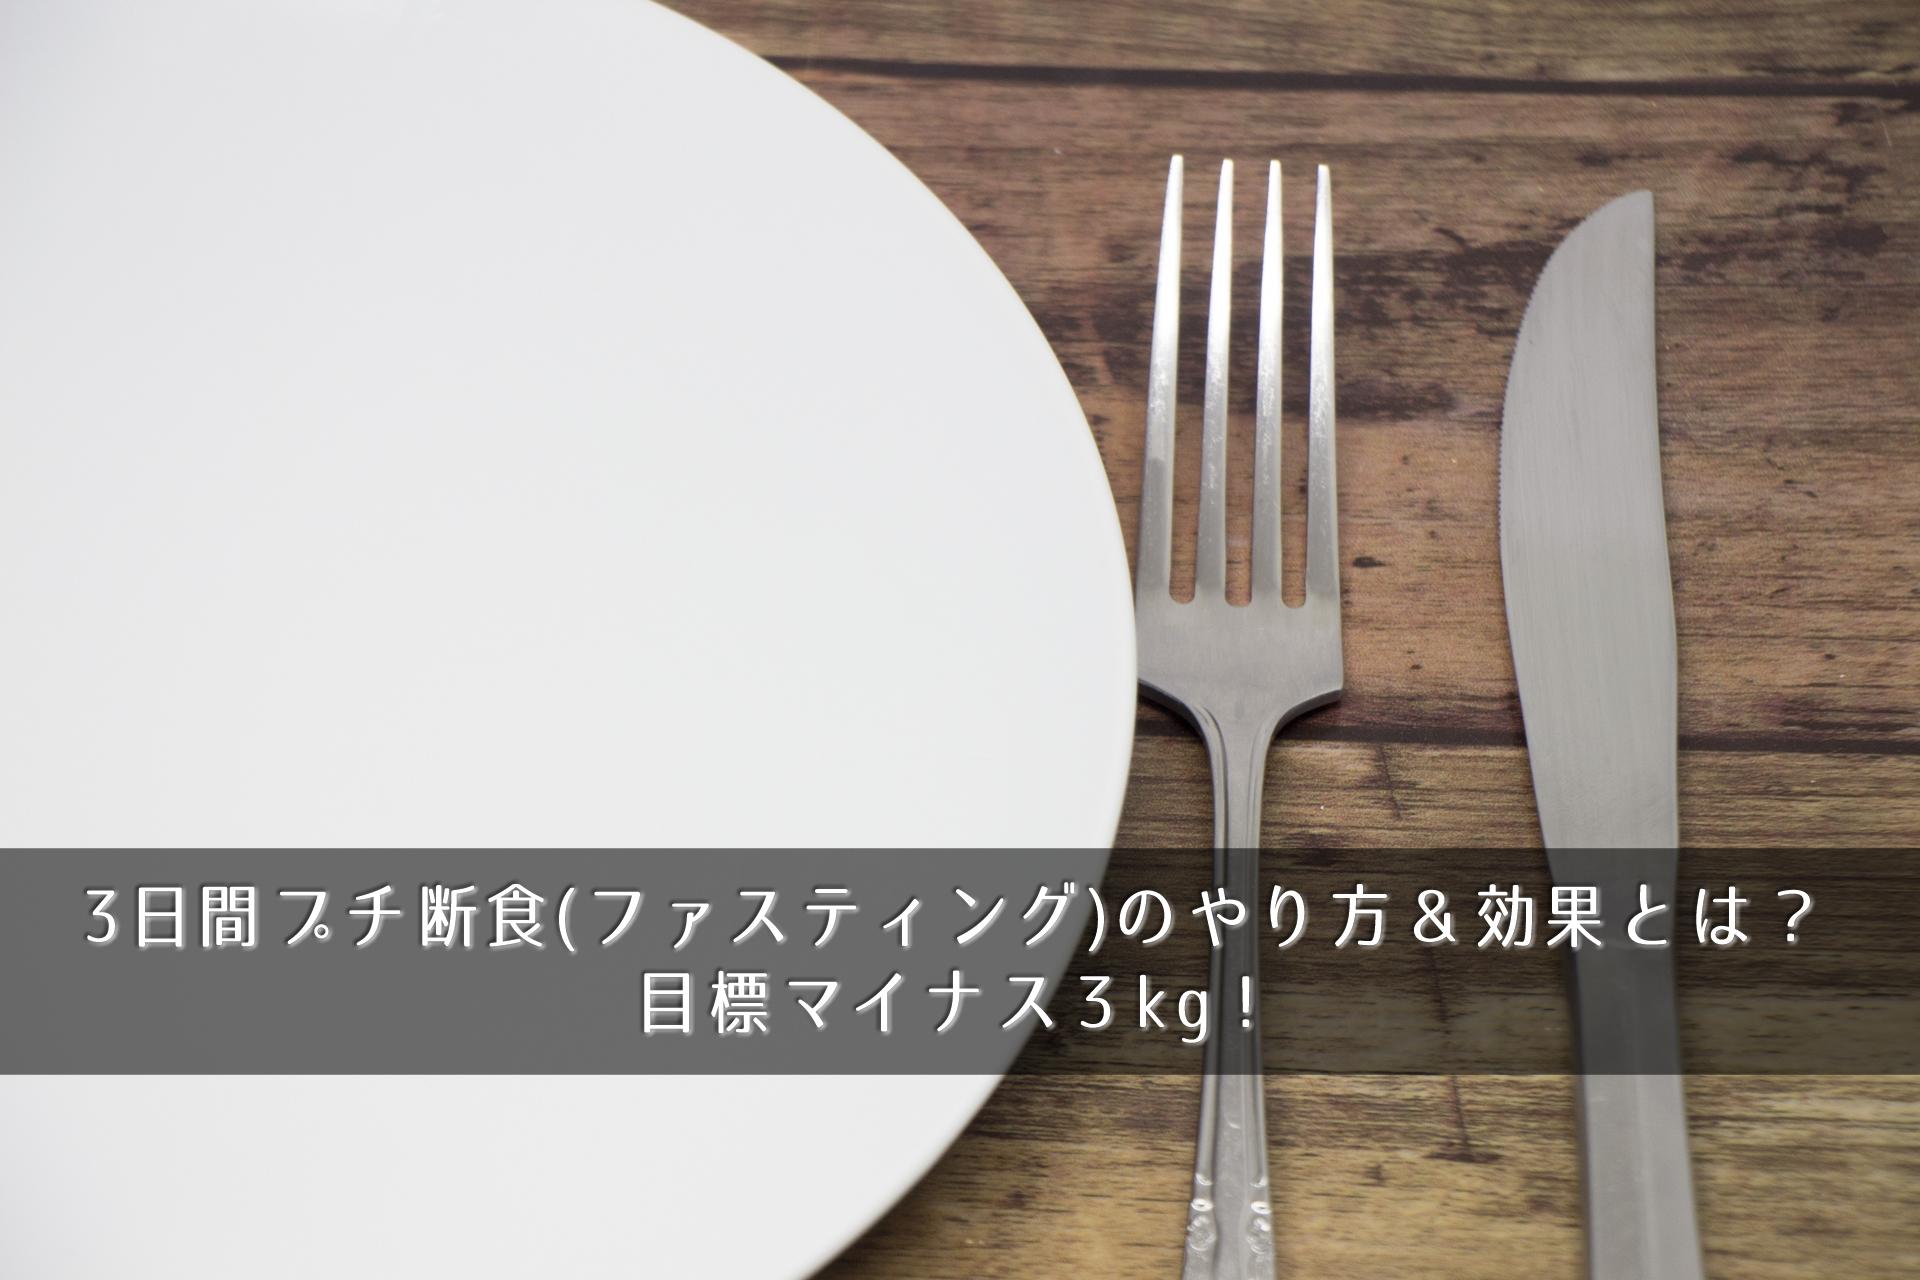 3日間プチ断食(ファスティング)のやり方&効果とは?目標マイナス3kg!